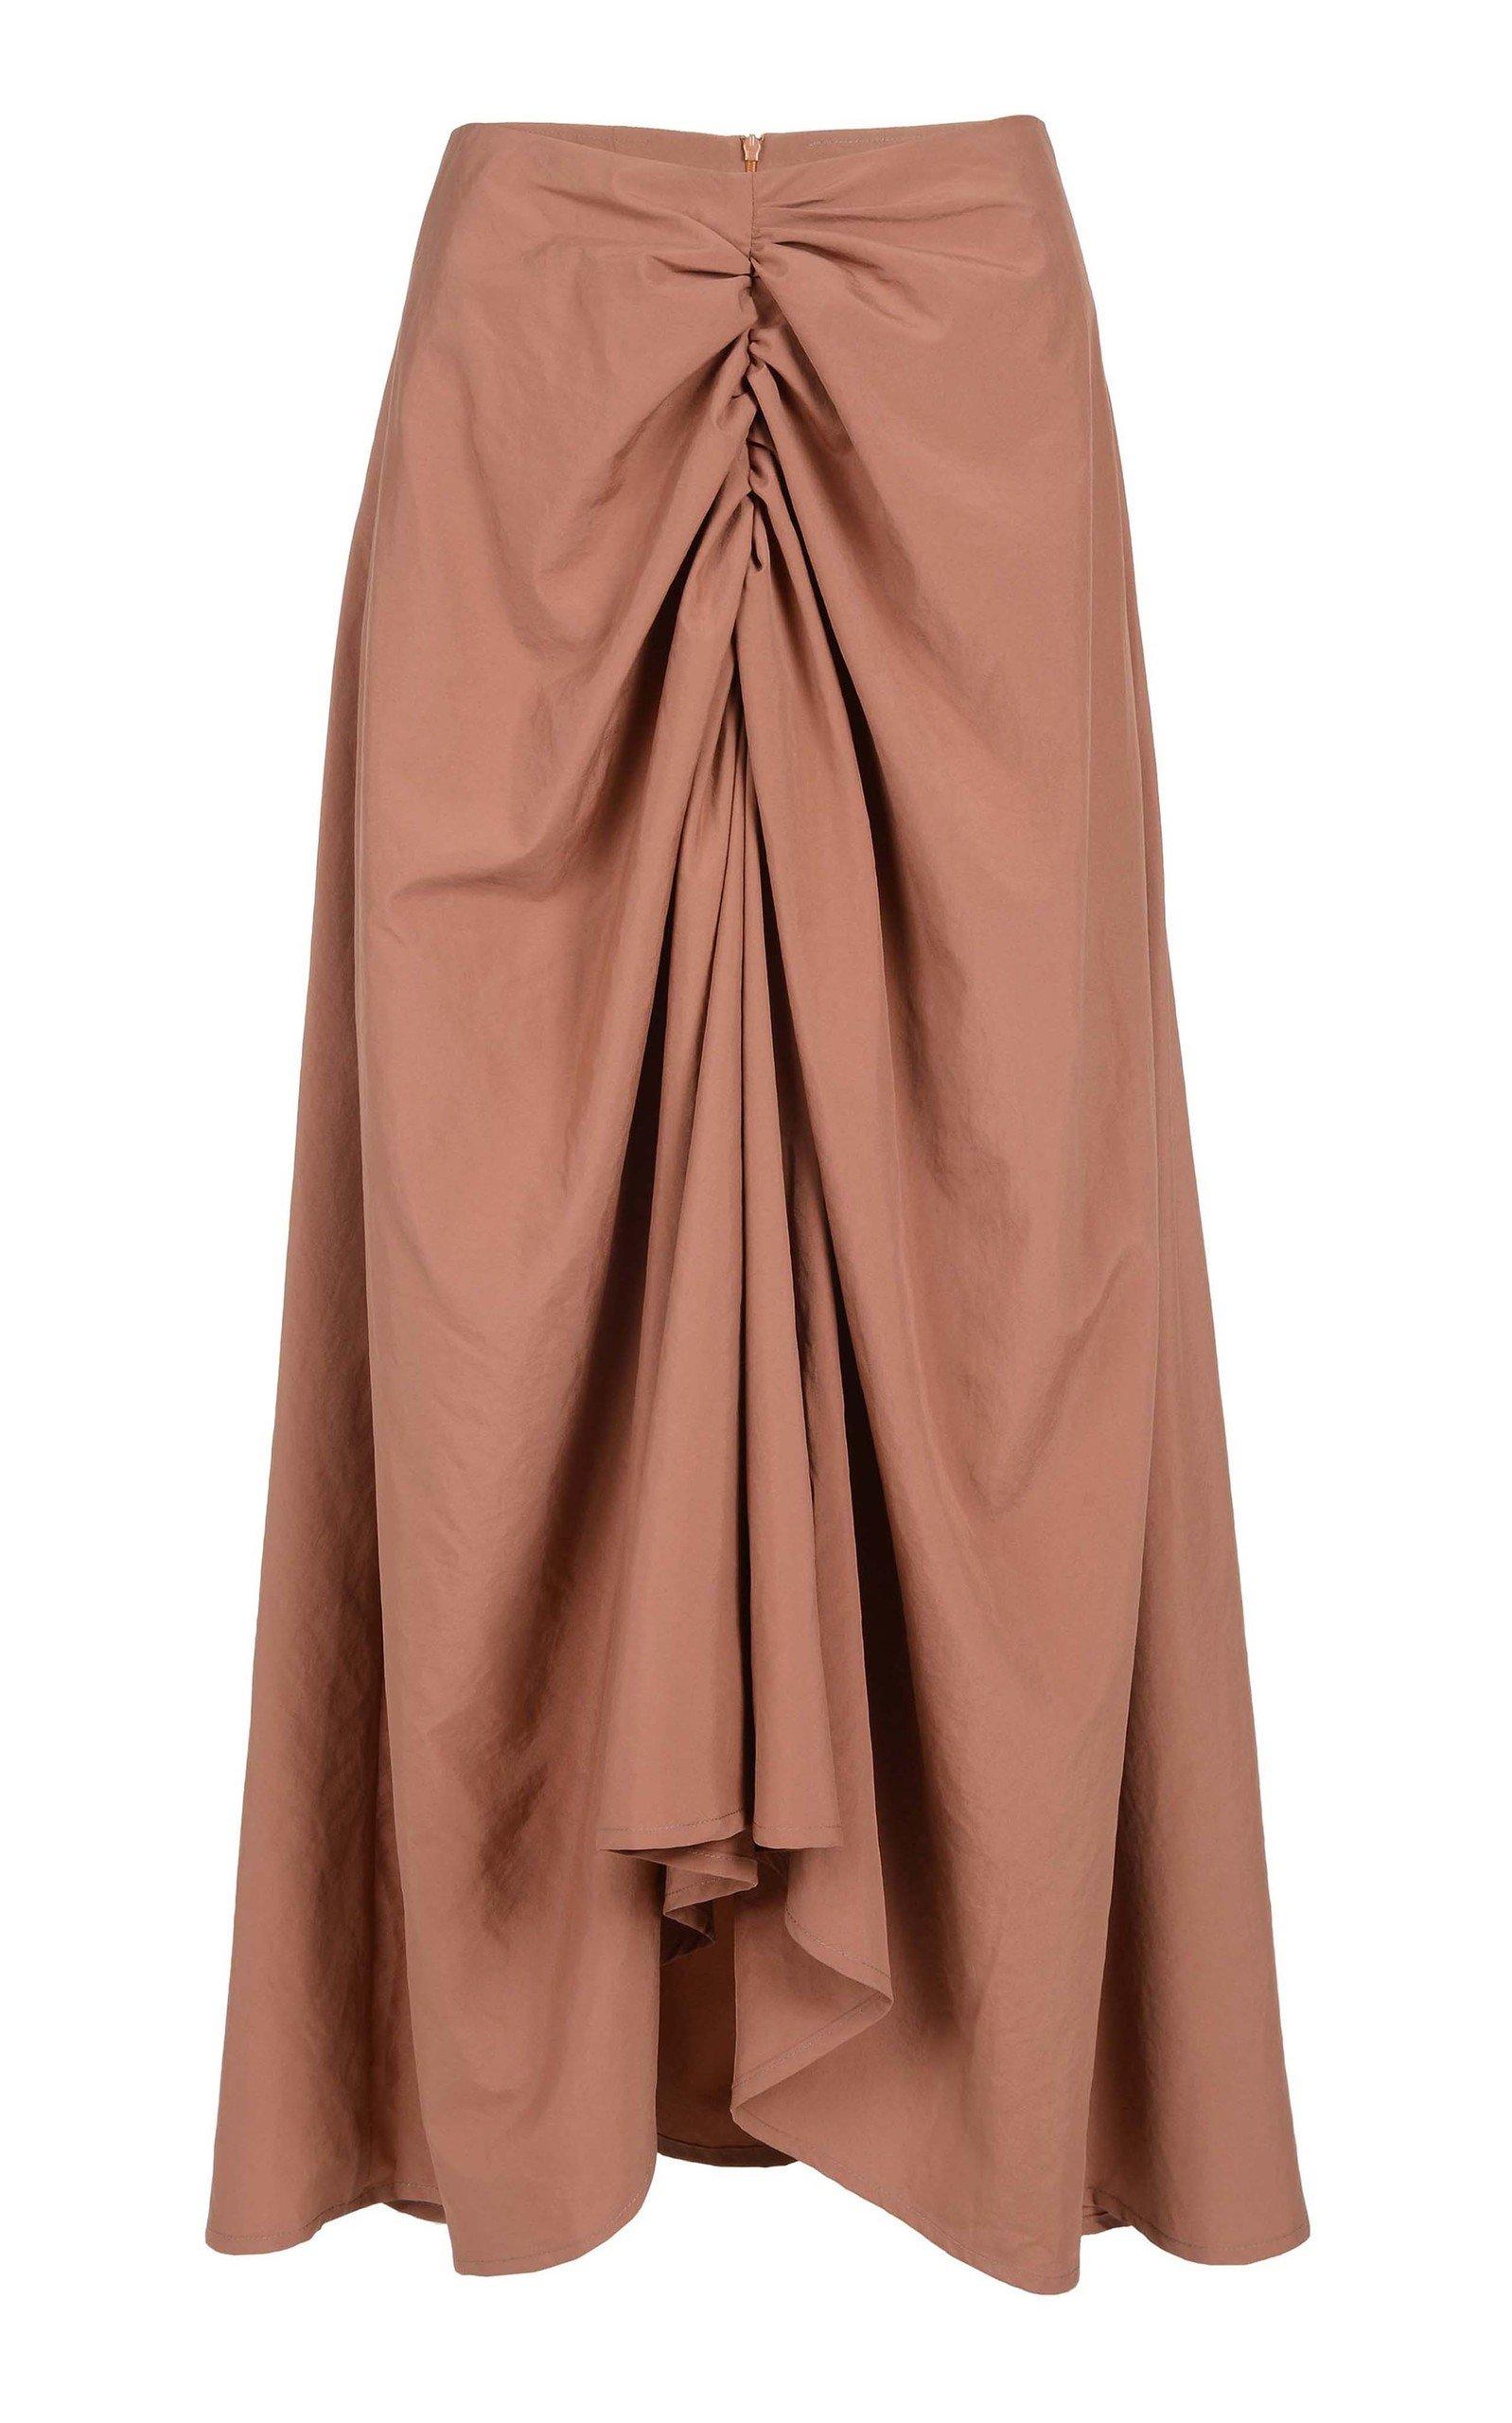 AMAL AL MULLA Ruched Taffeta Maxi Skirt in Brown